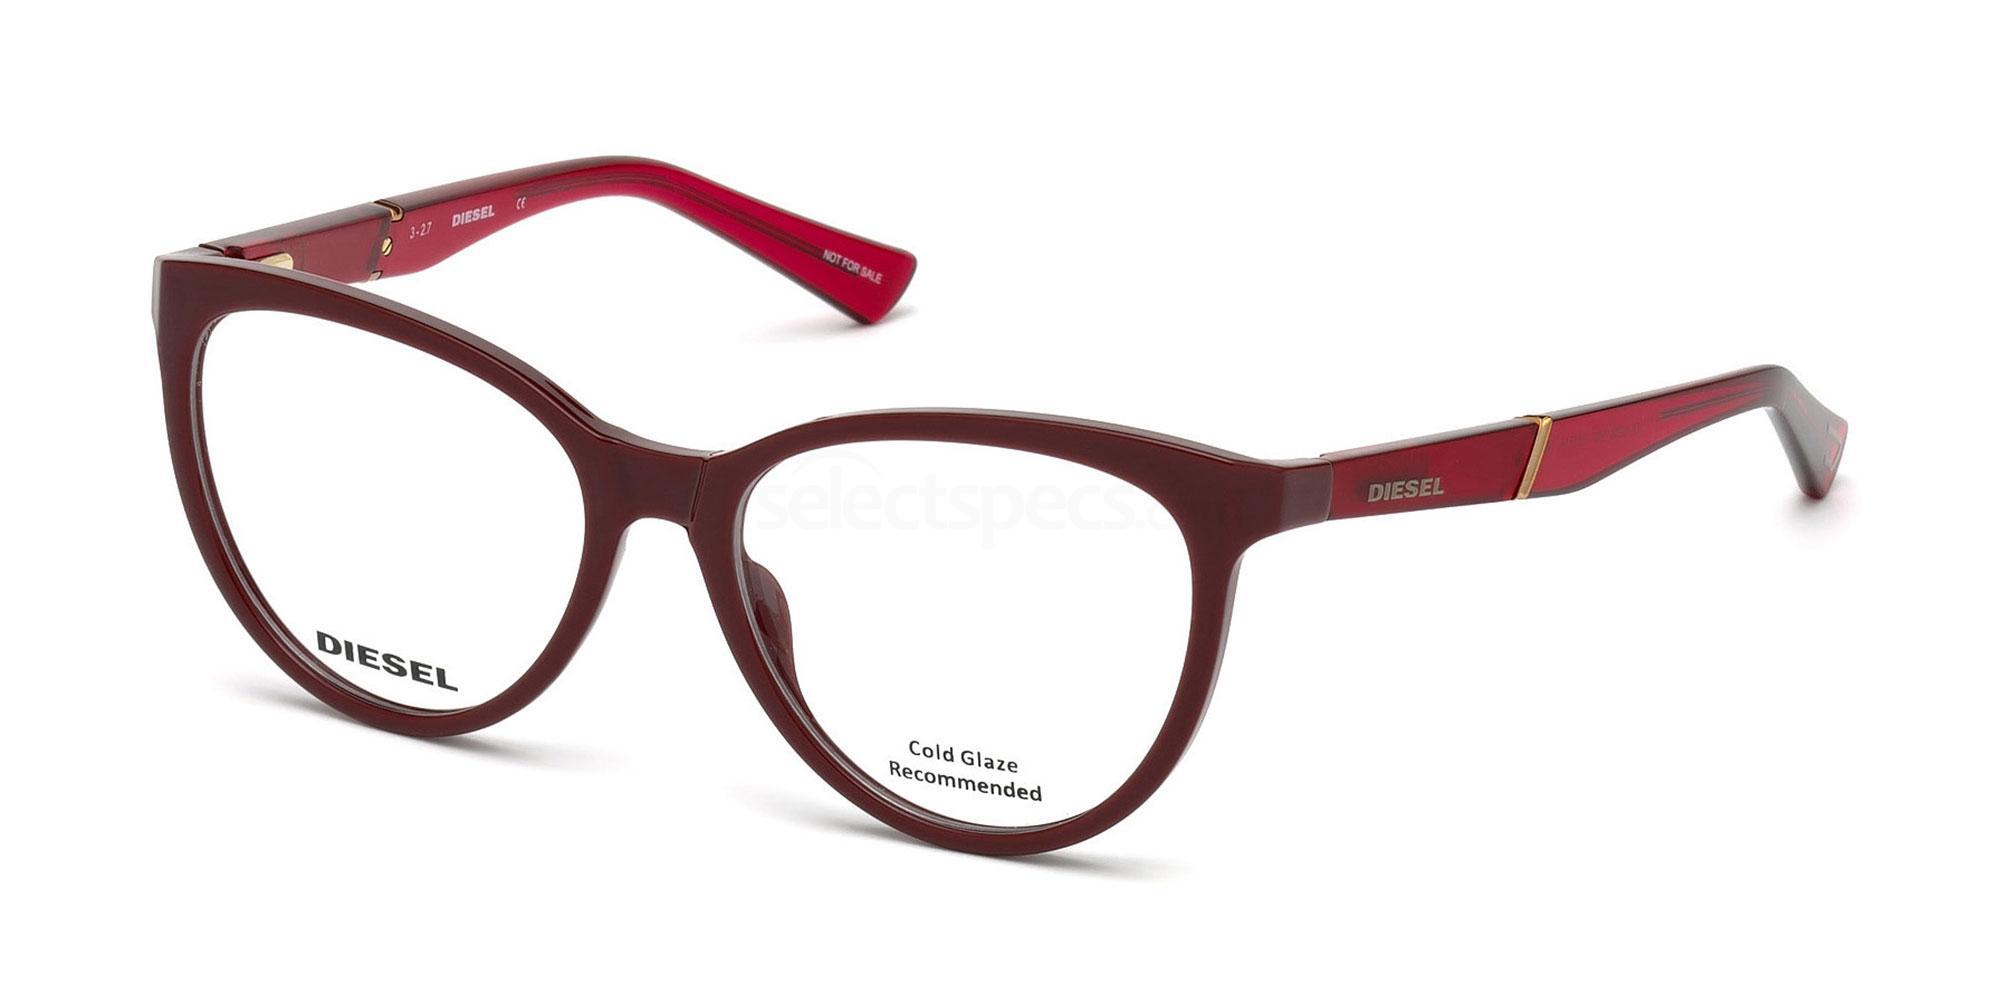 069 DL5268 Glasses, Diesel